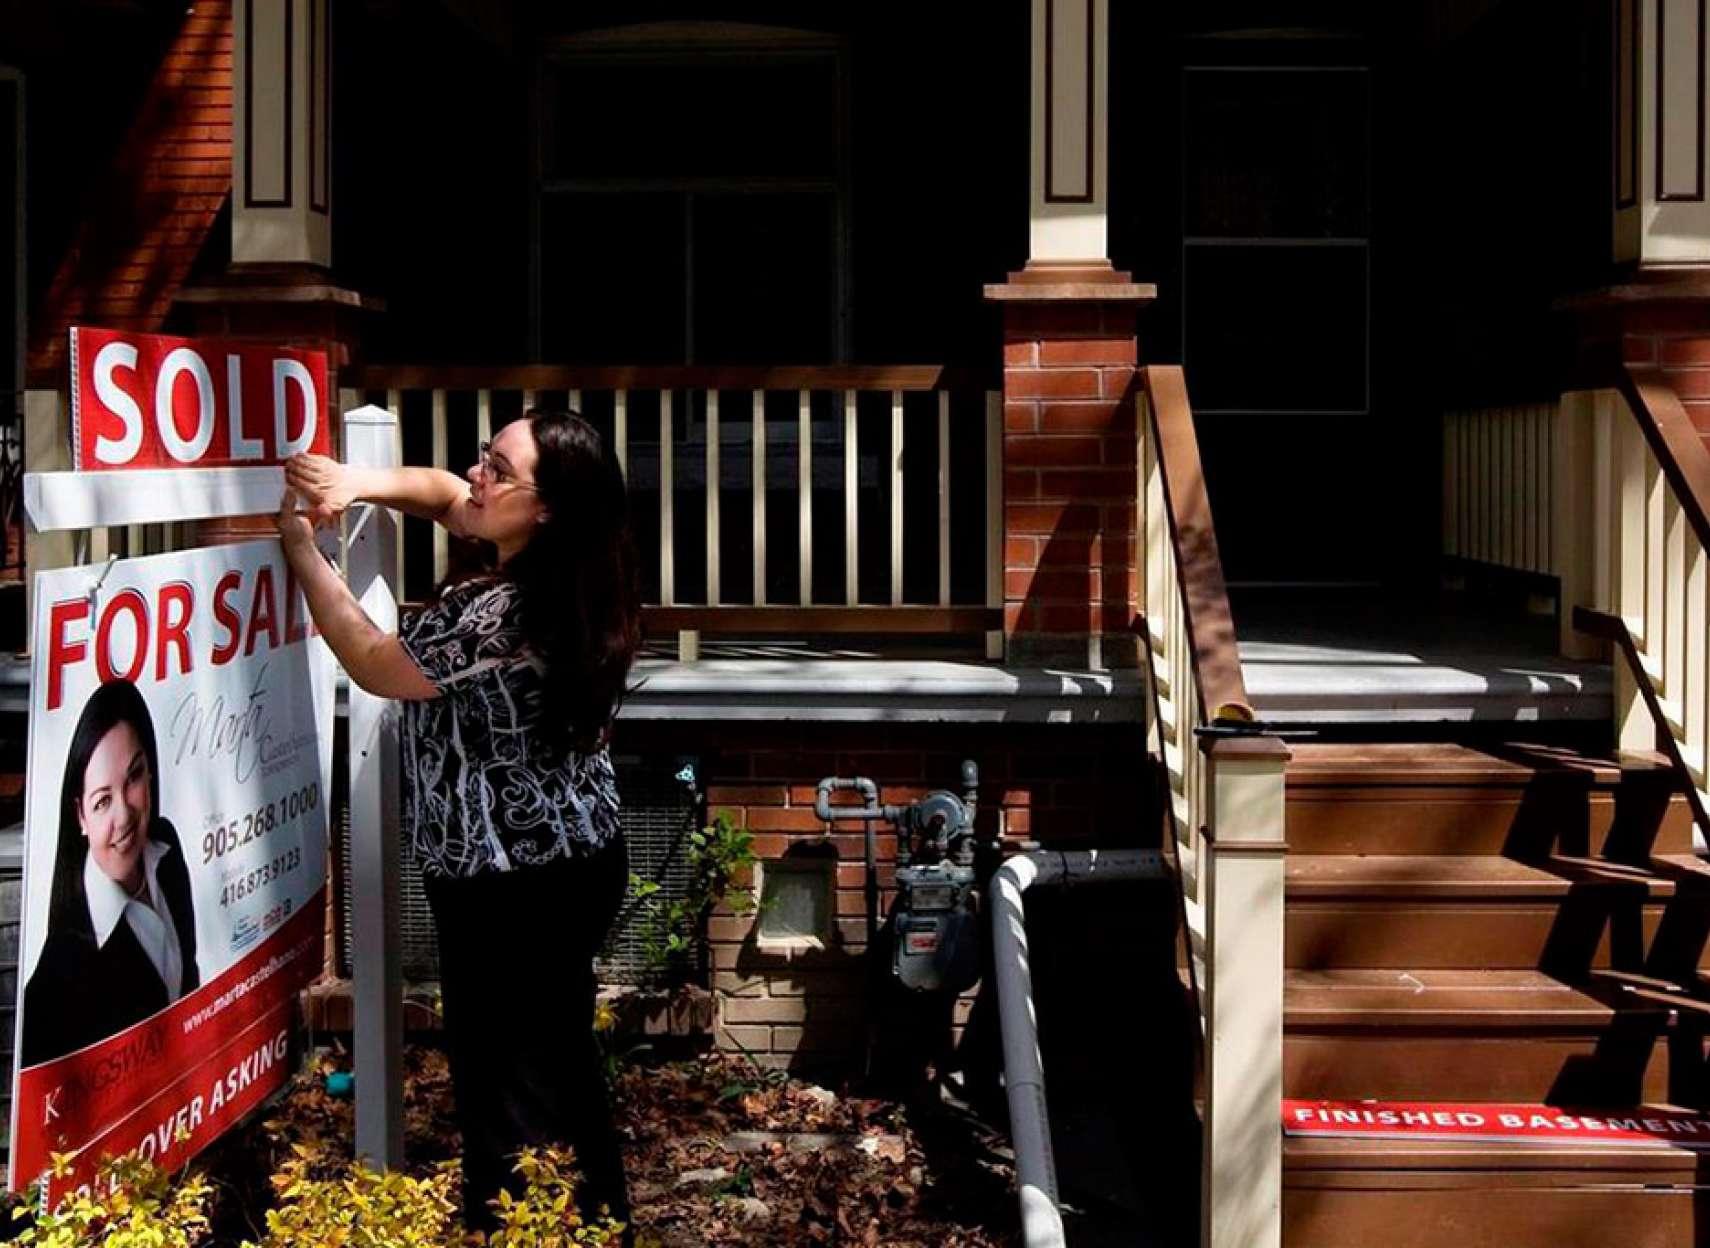 اخبار-کانادا-قیمت-خانههای-ونکوور-و-تورنتو-بالا-رفت